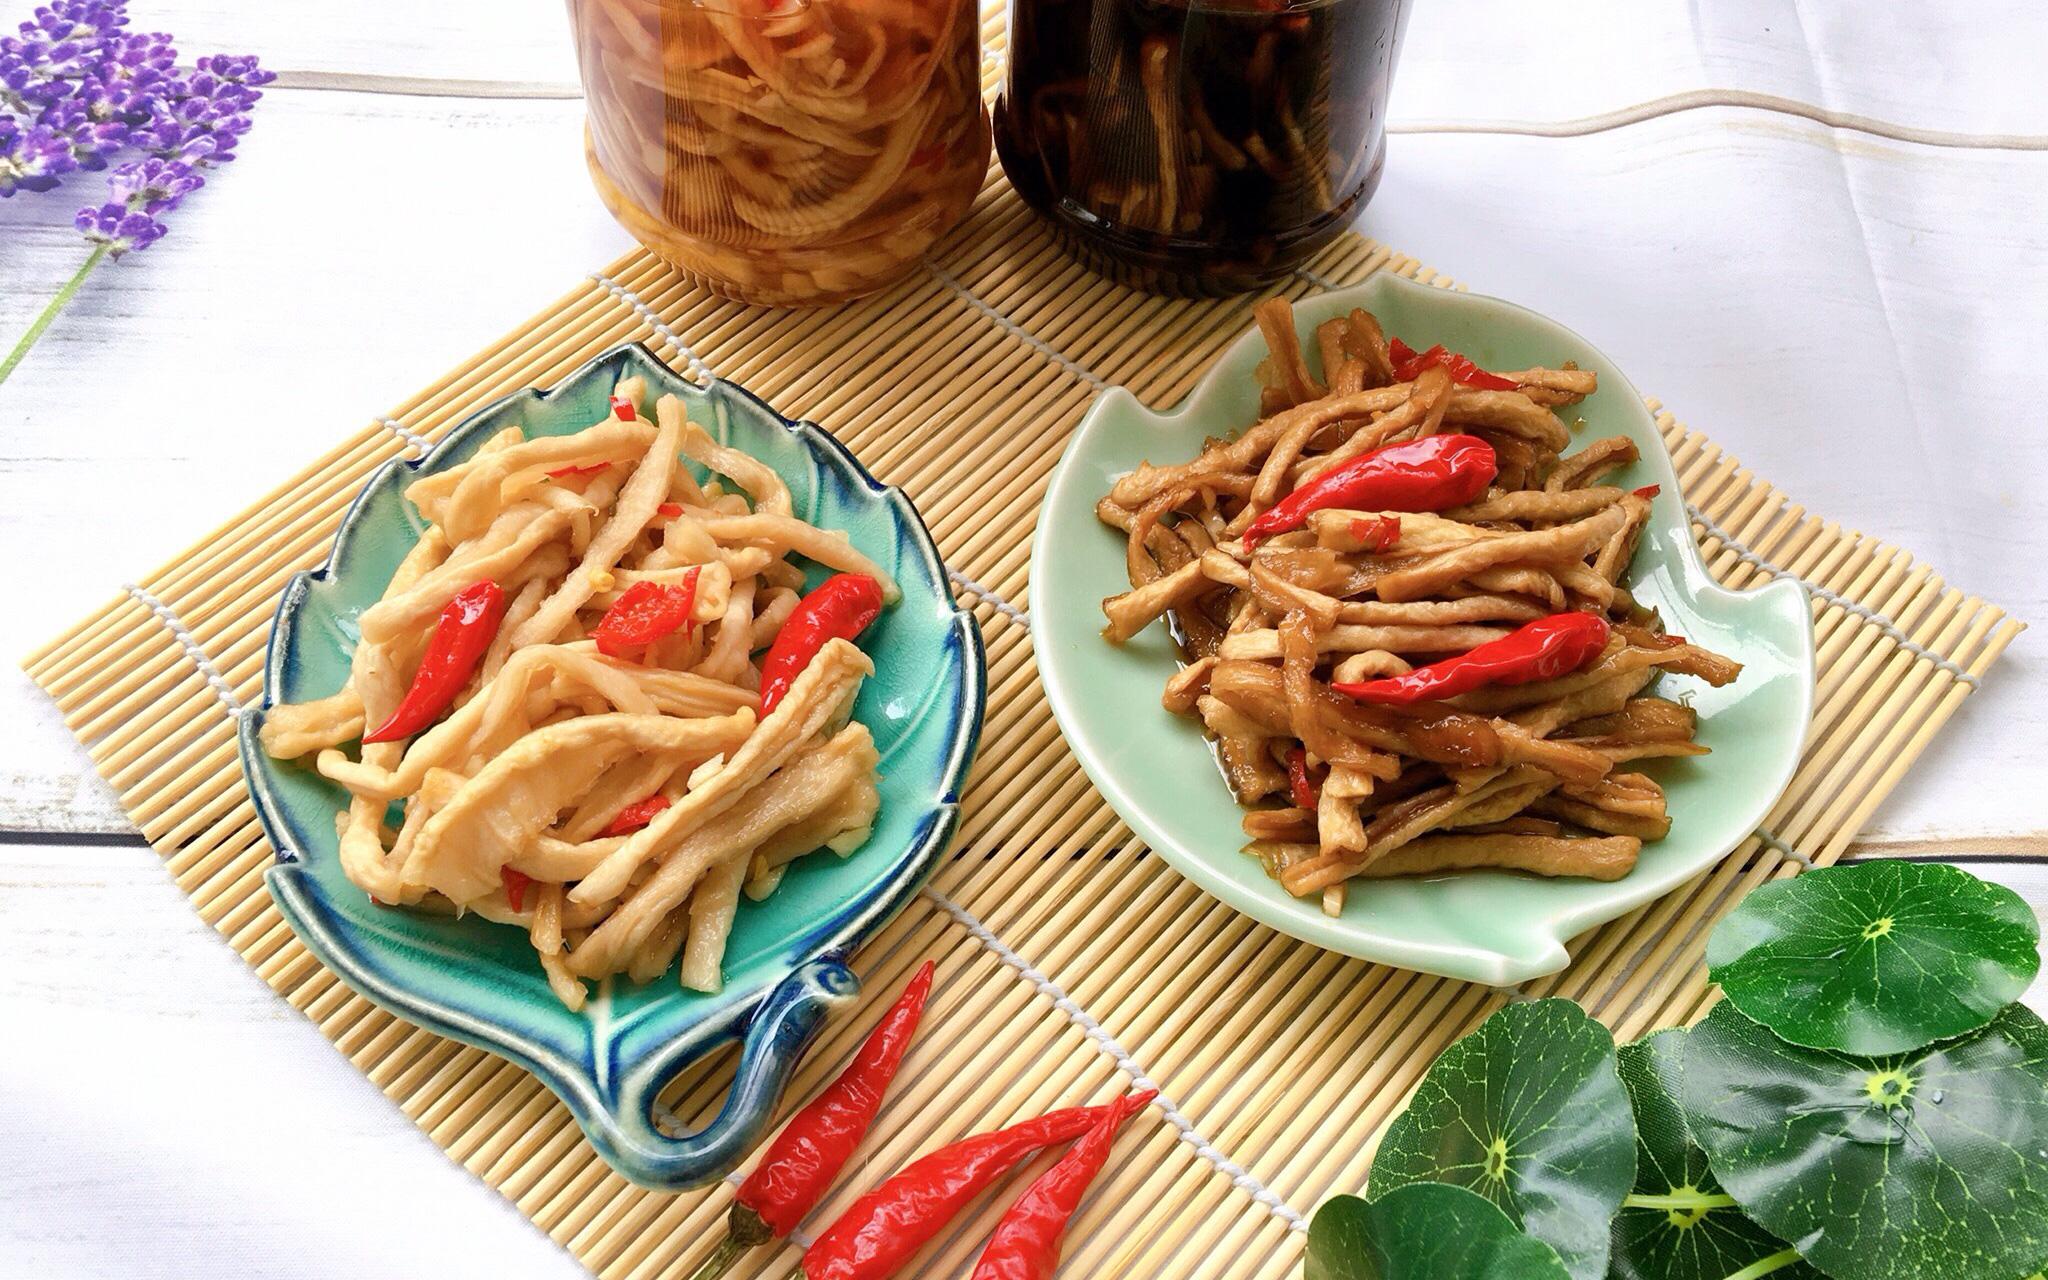 Tết sắp đến rồi học ngay 2 cách làm củ cải ngâm ăn kèm đồ mặn chống ngán cực hiệu quả